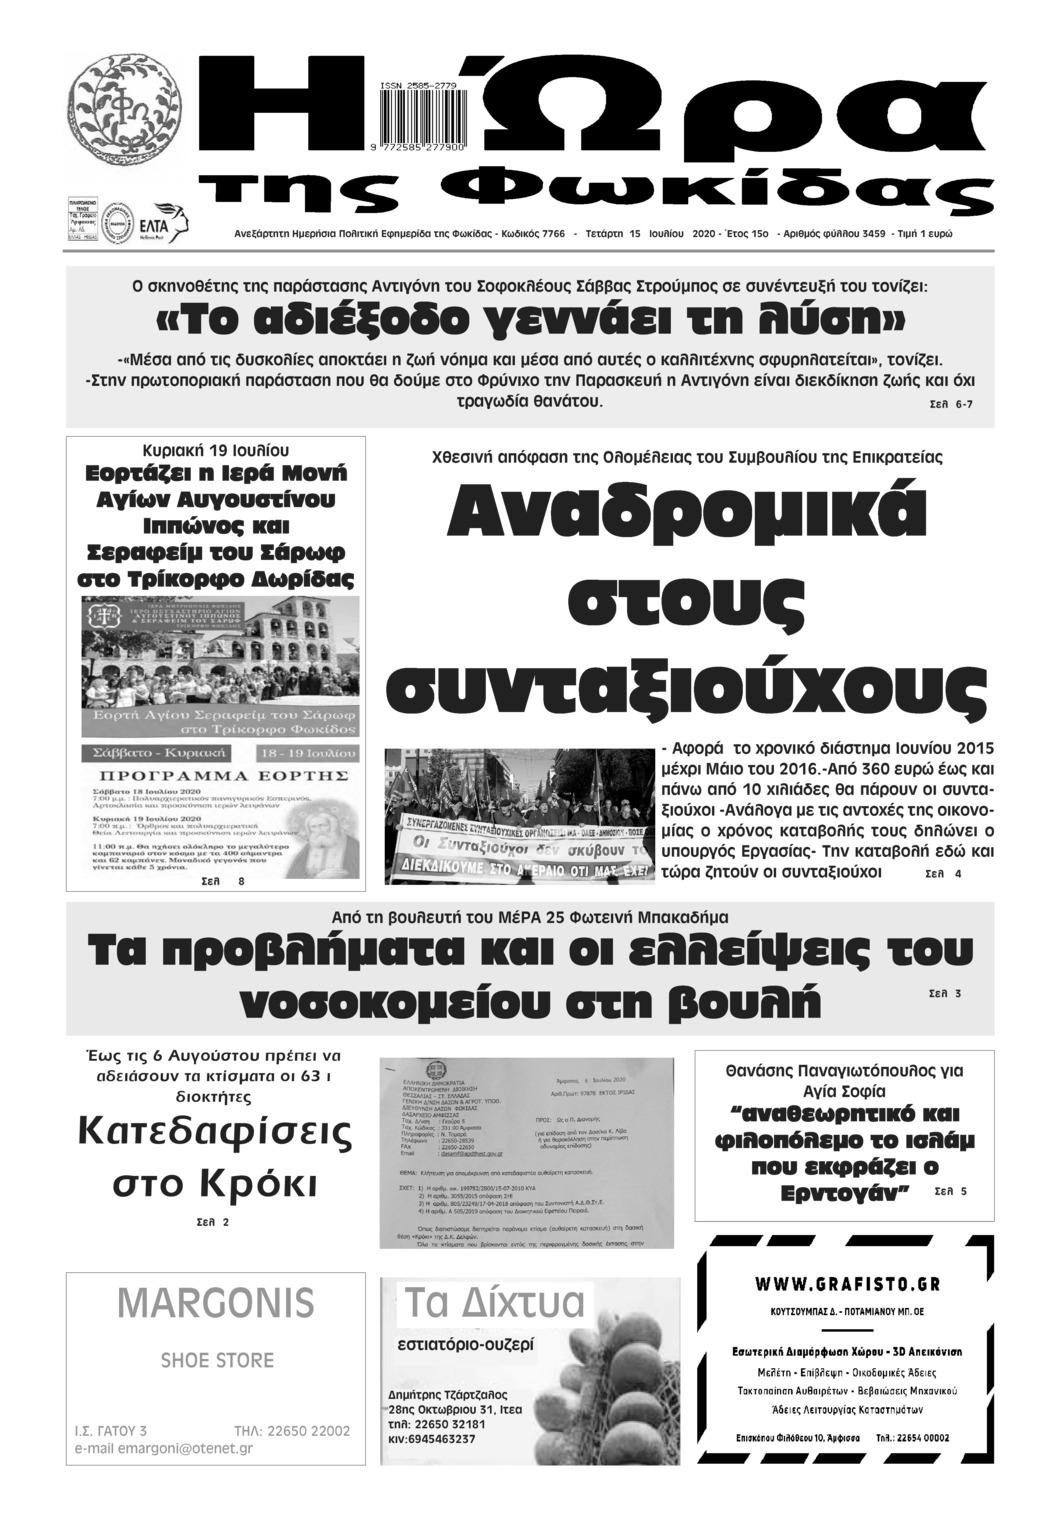 Πρωτοσέλιδο εφημερίδας Η Ώρα της Φωκίδας